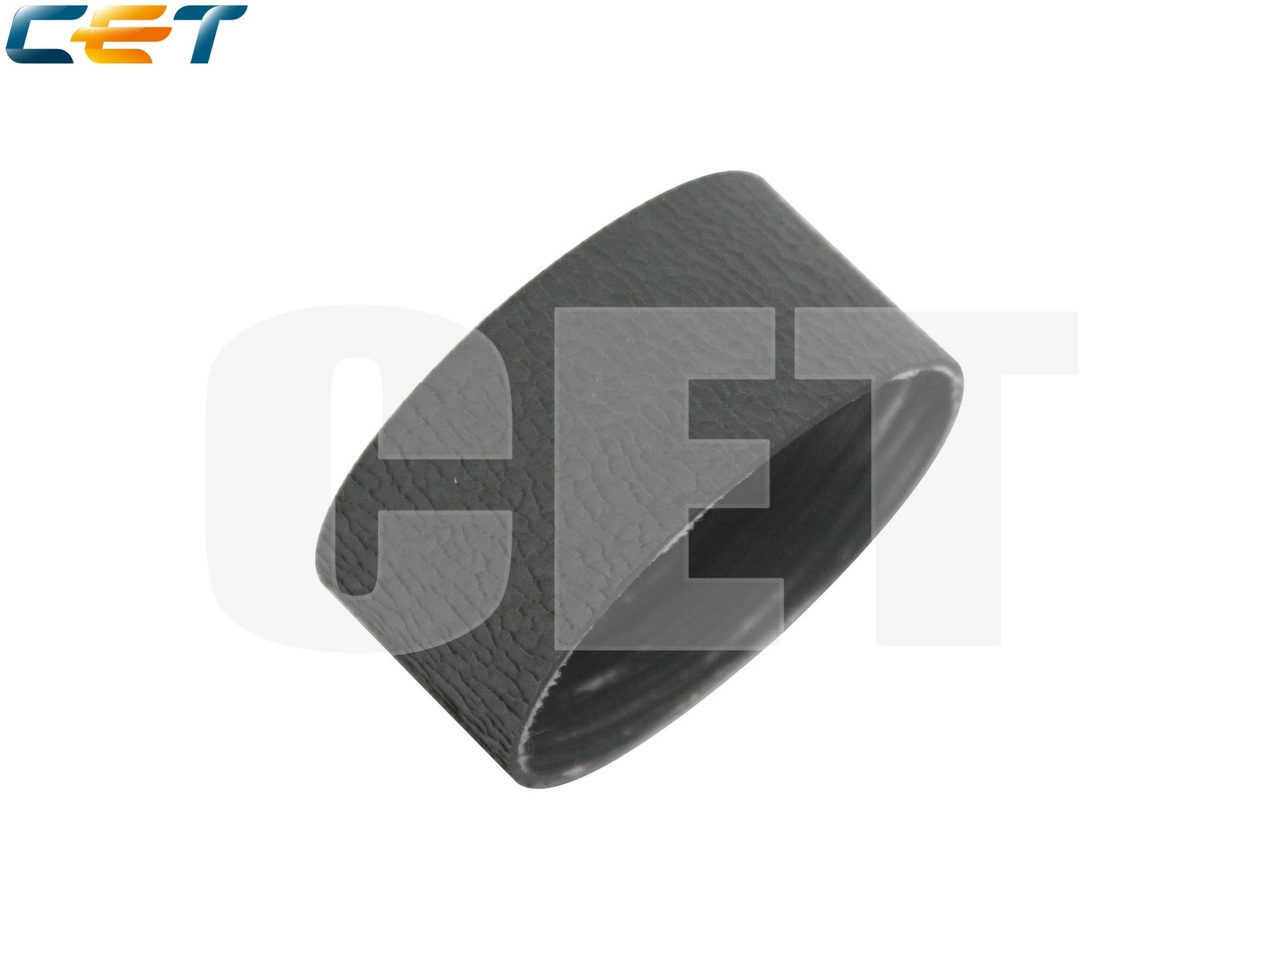 Ремень подачи ADF A806-1295 для RICOH Aficio 1060/1075(CET), CET5875